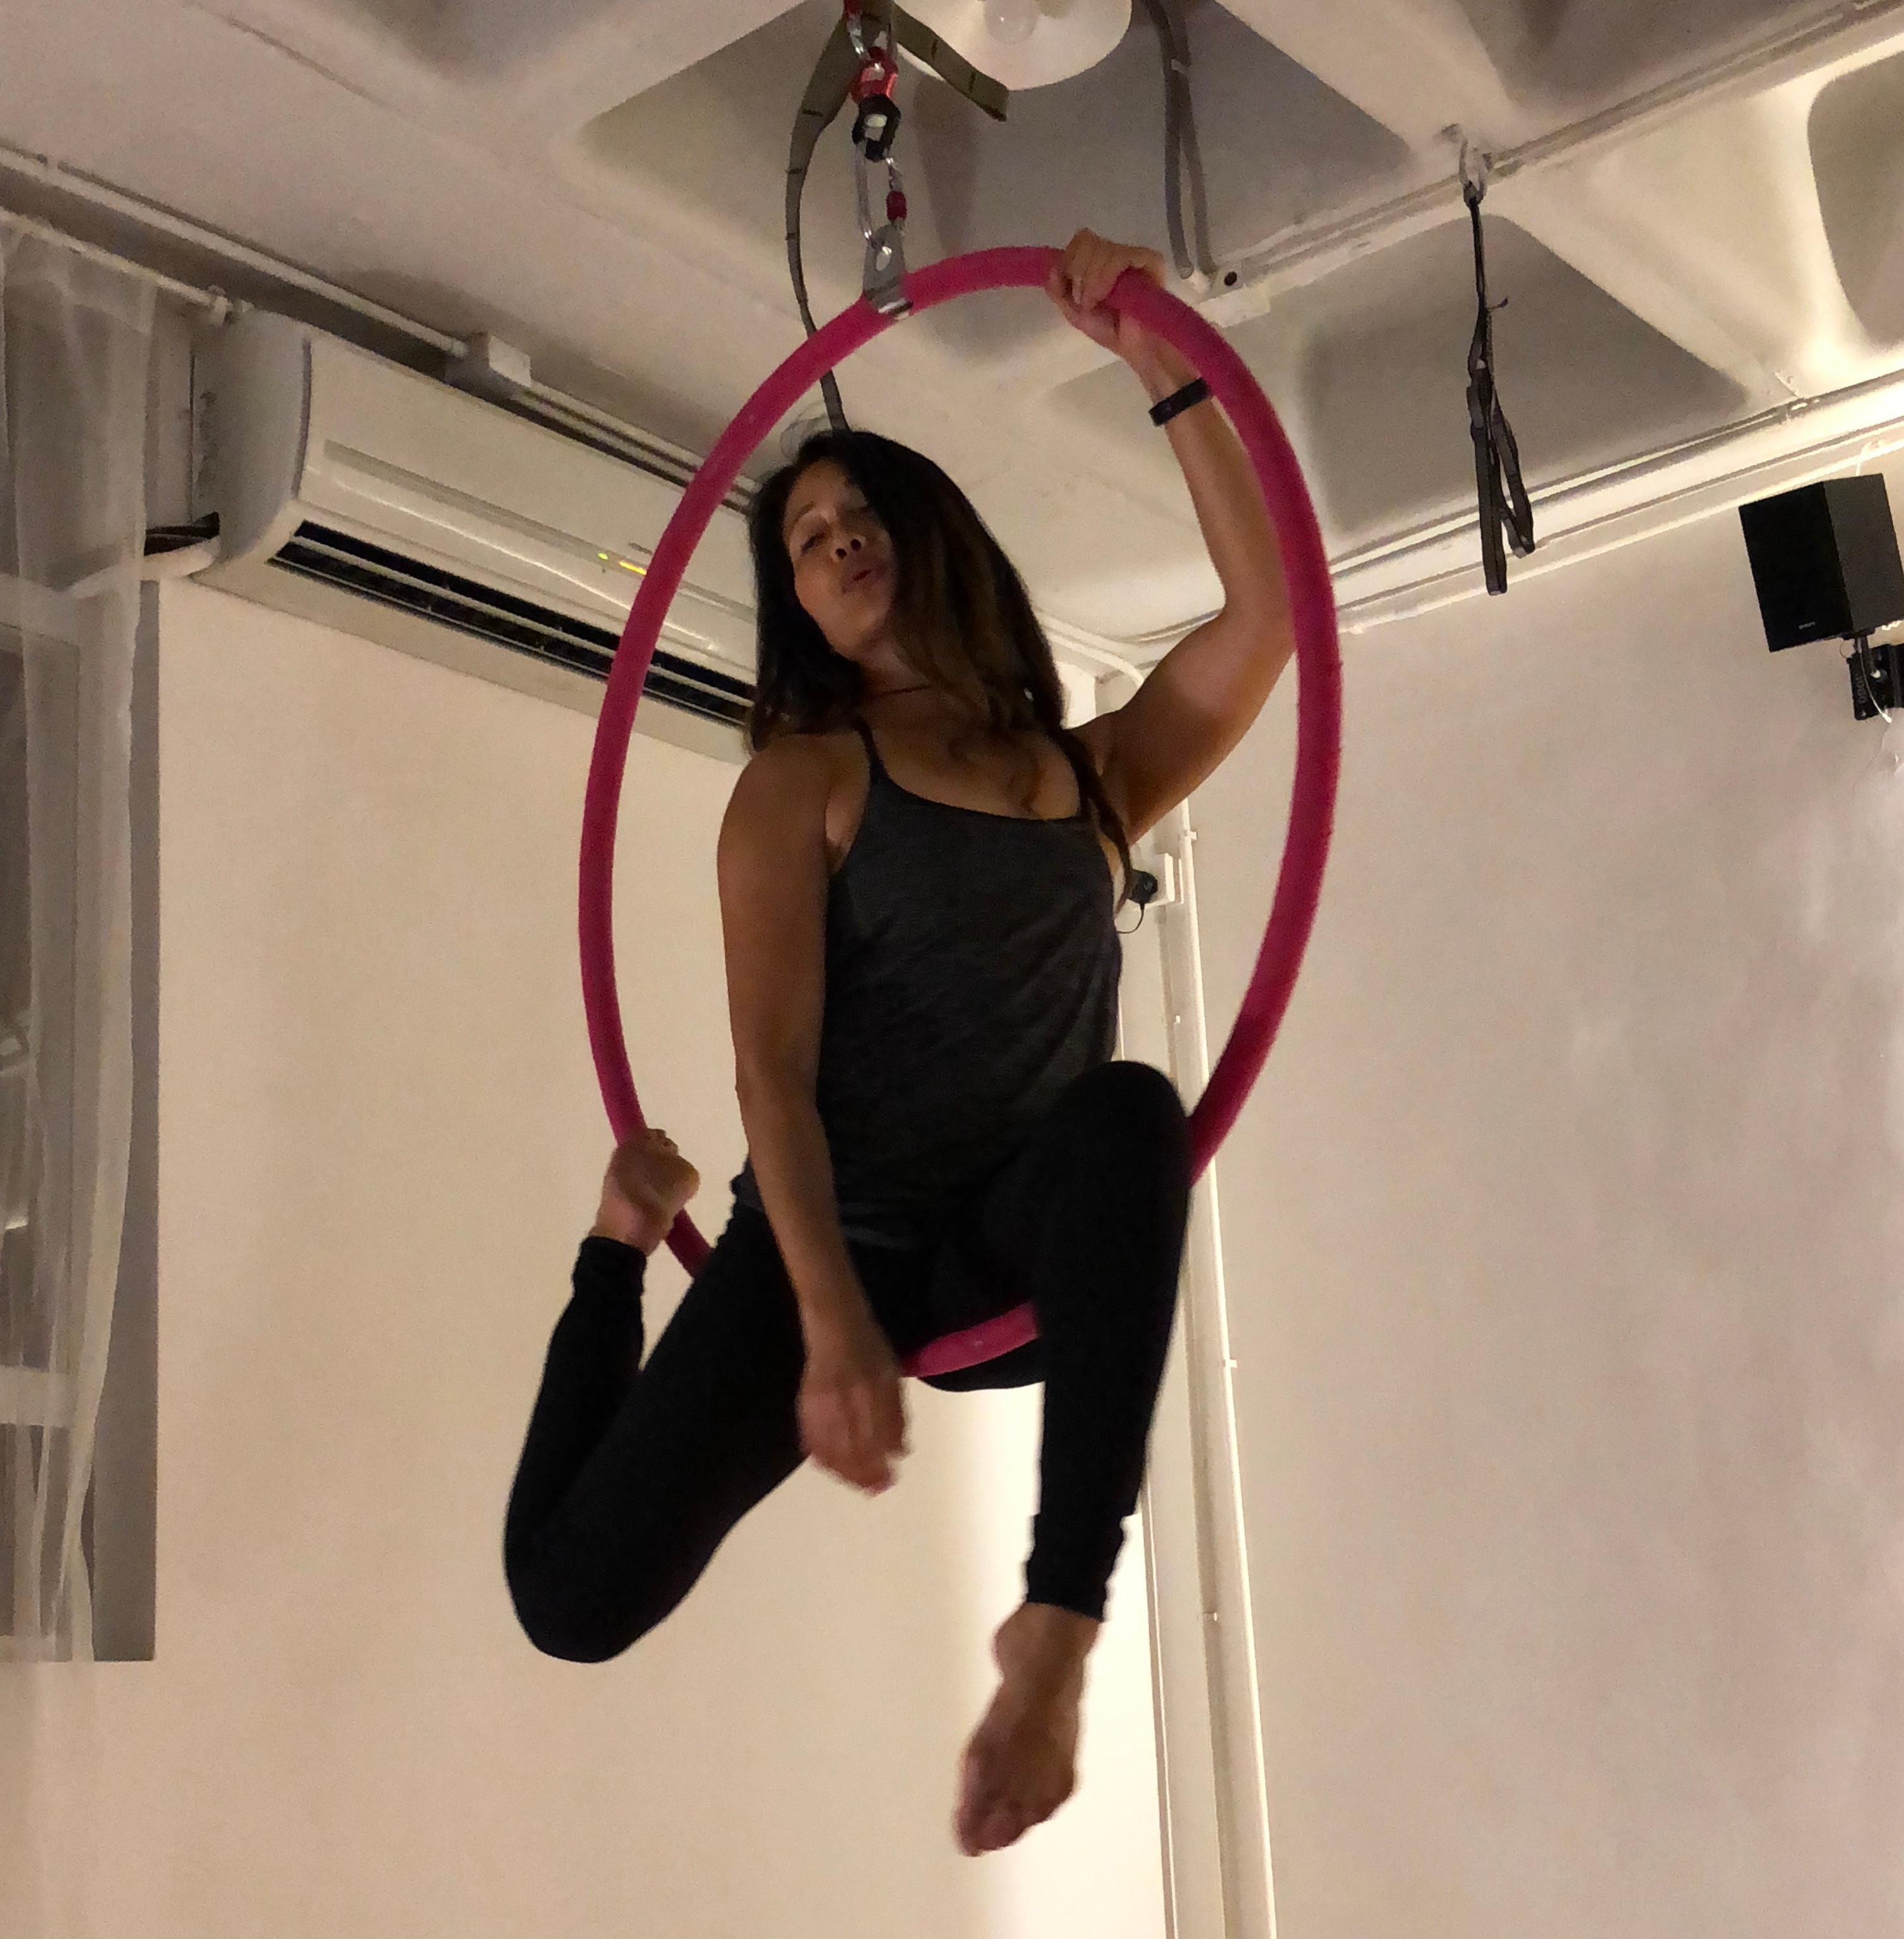 Aerial Hoop /空中呼拉圈